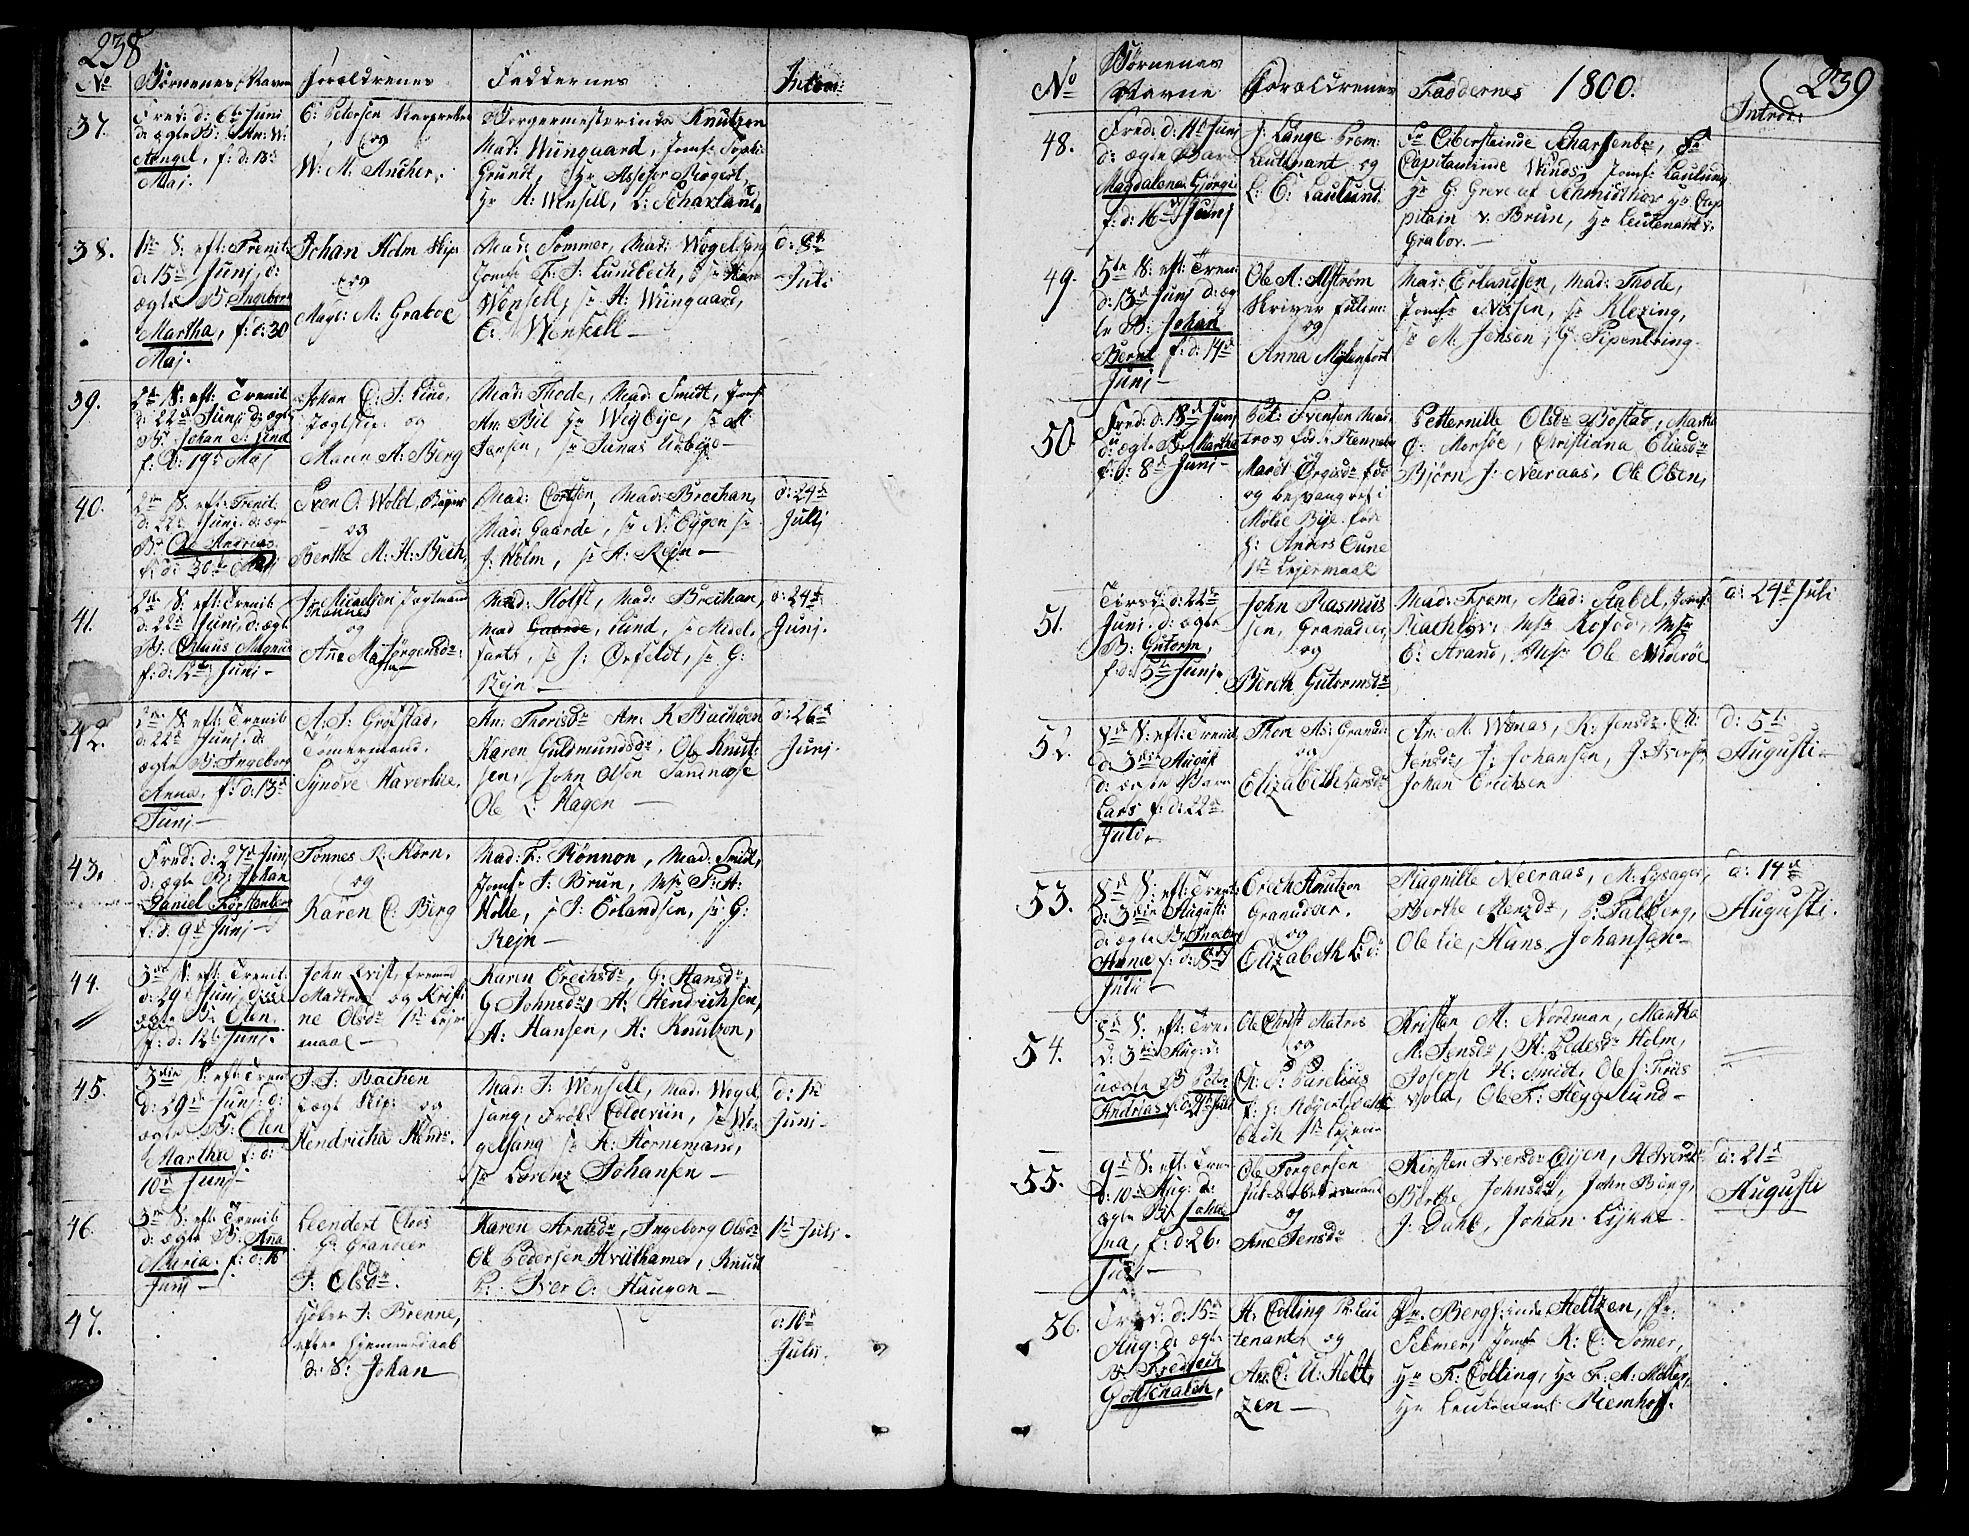 SAT, Ministerialprotokoller, klokkerbøker og fødselsregistre - Sør-Trøndelag, 602/L0104: Ministerialbok nr. 602A02, 1774-1814, s. 238-239